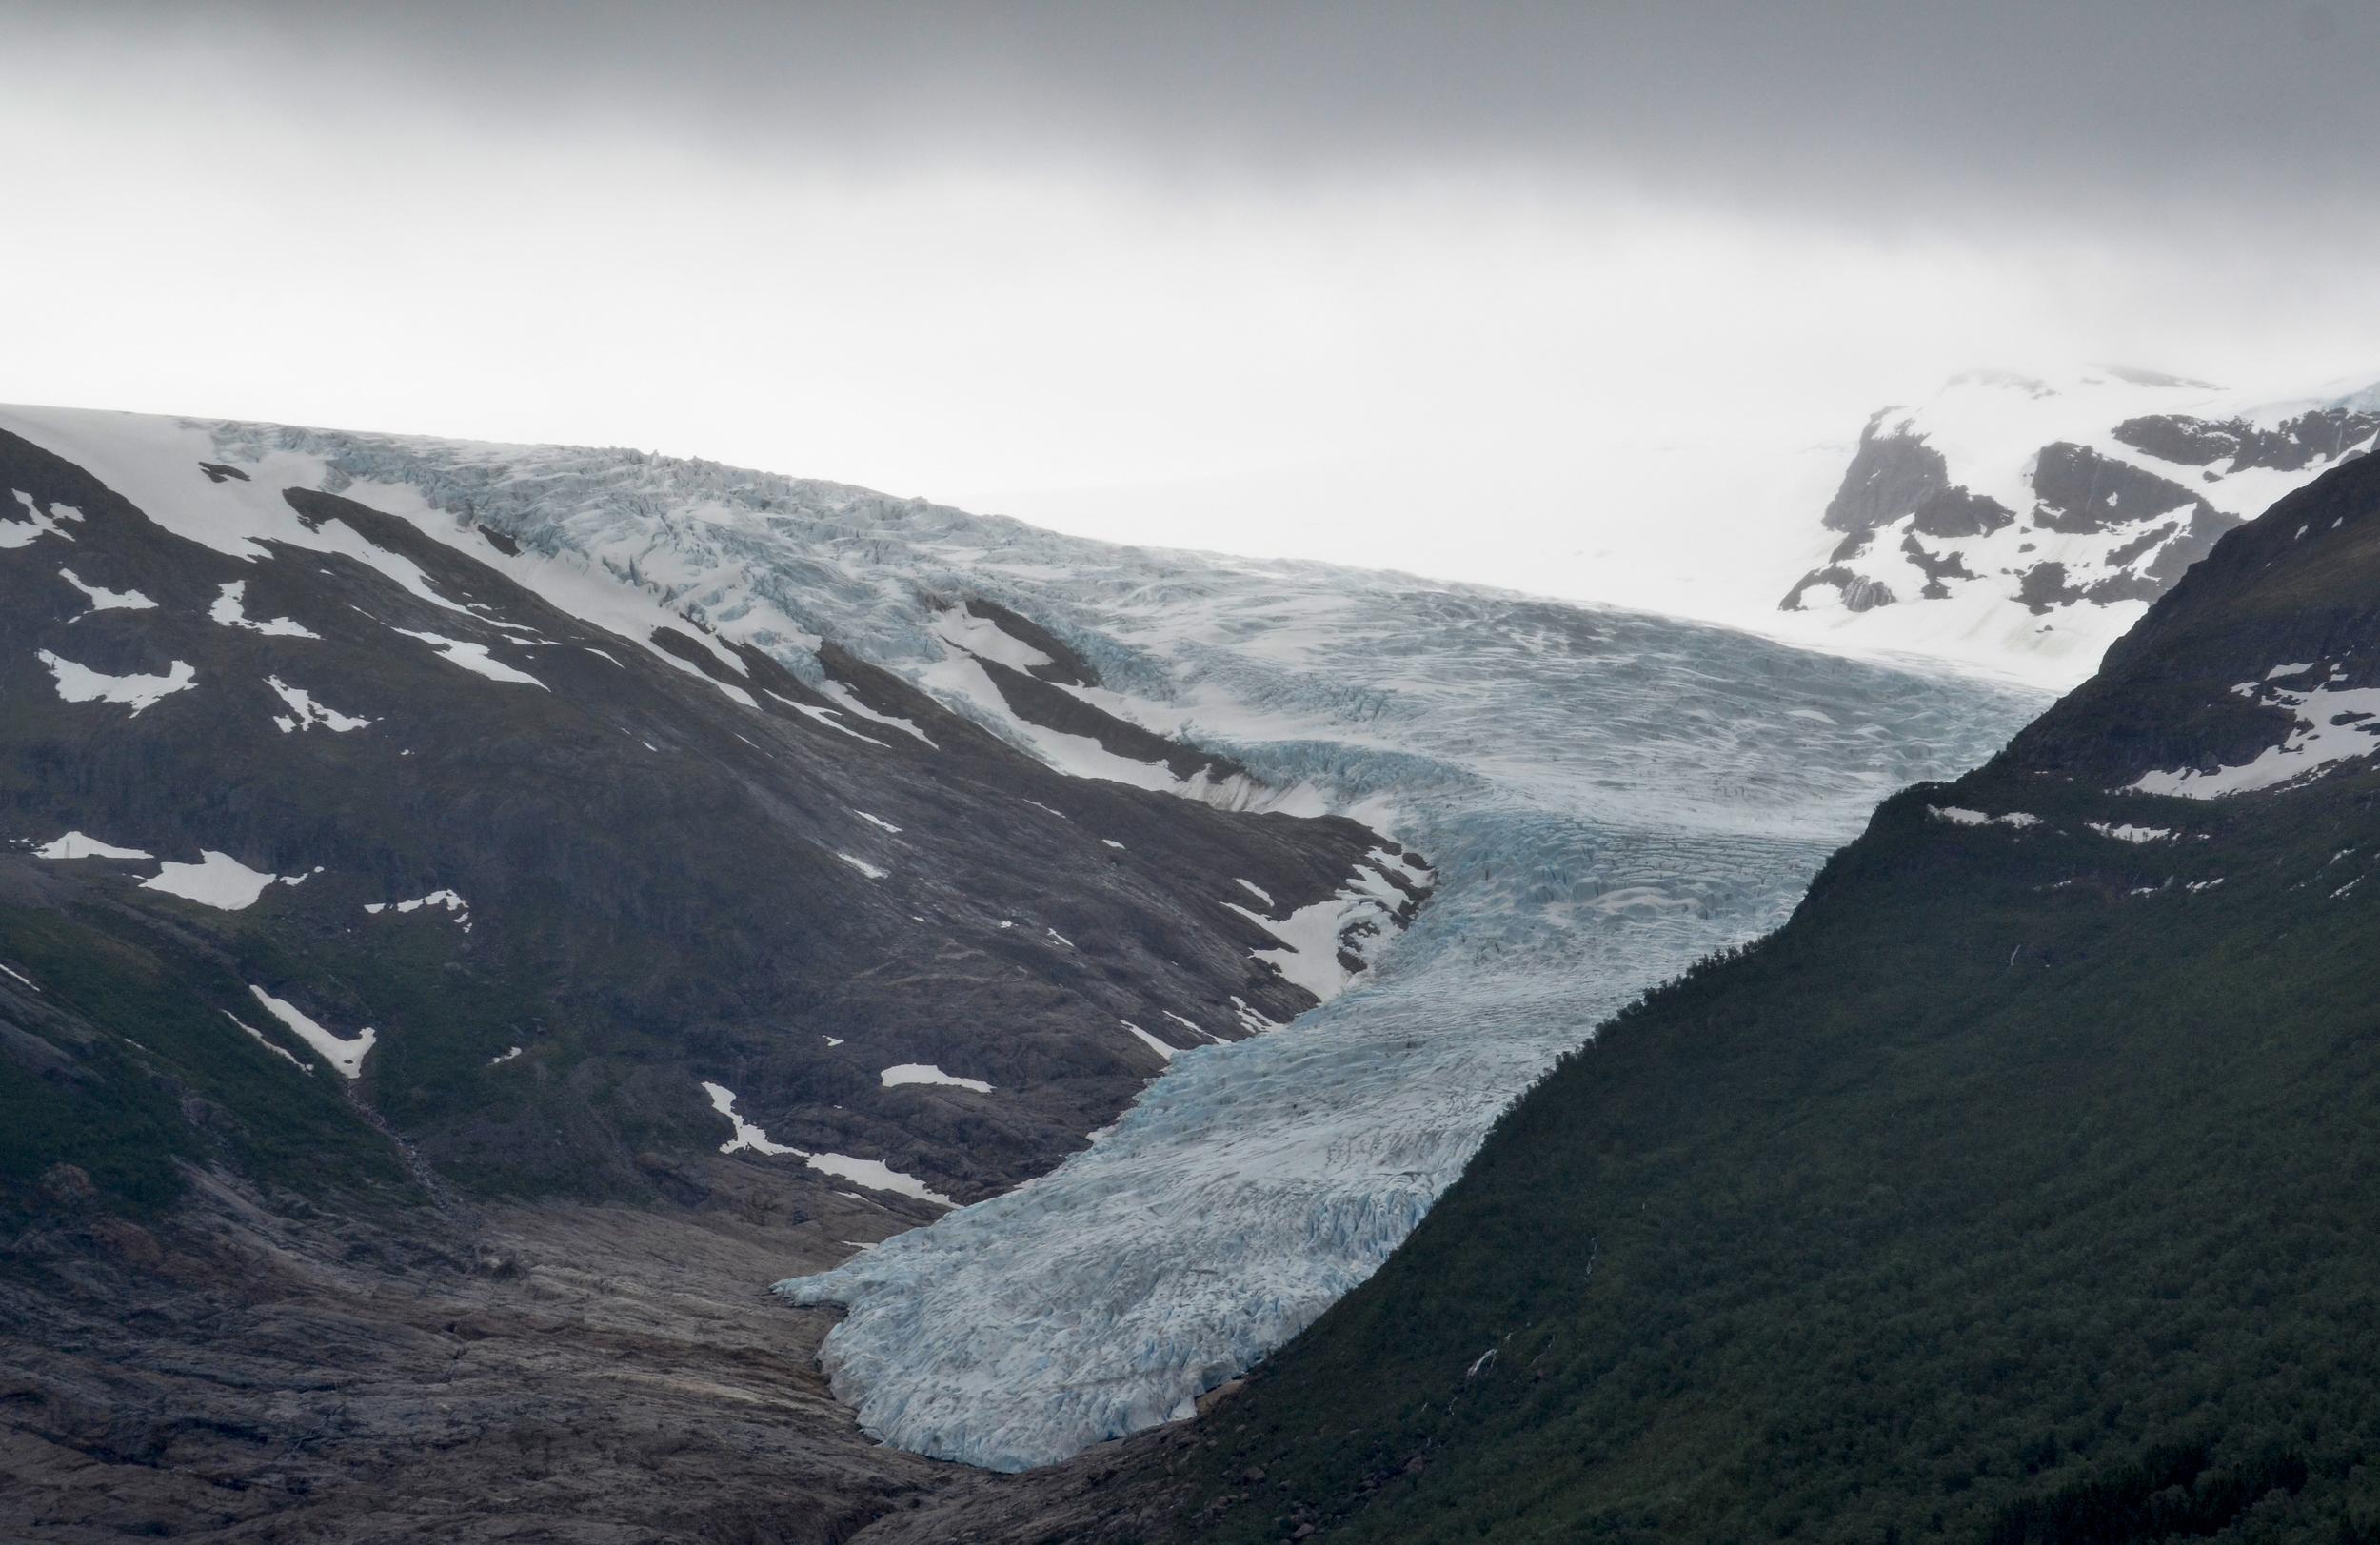 Svartisen glacier climbing over the mountain